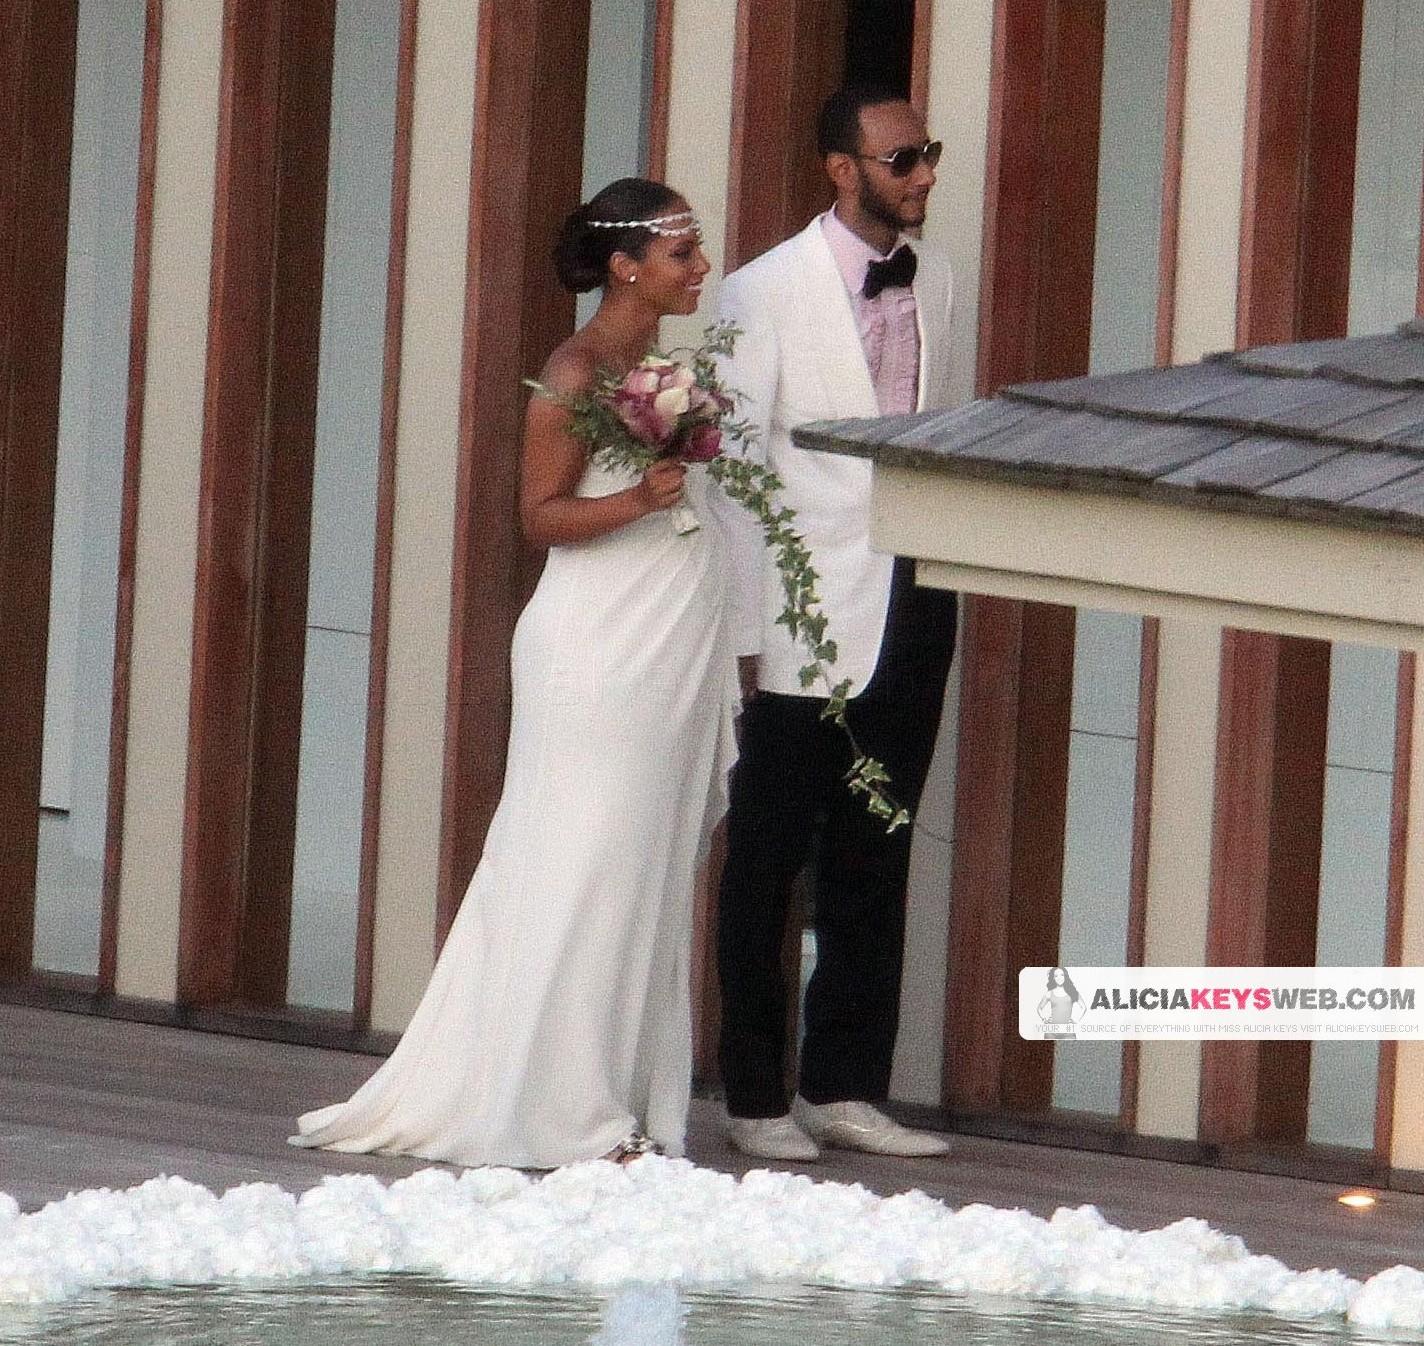 alicia 33 e1280686883933 Hot Shots: Alicia Keys & Swizz Beats Wedding